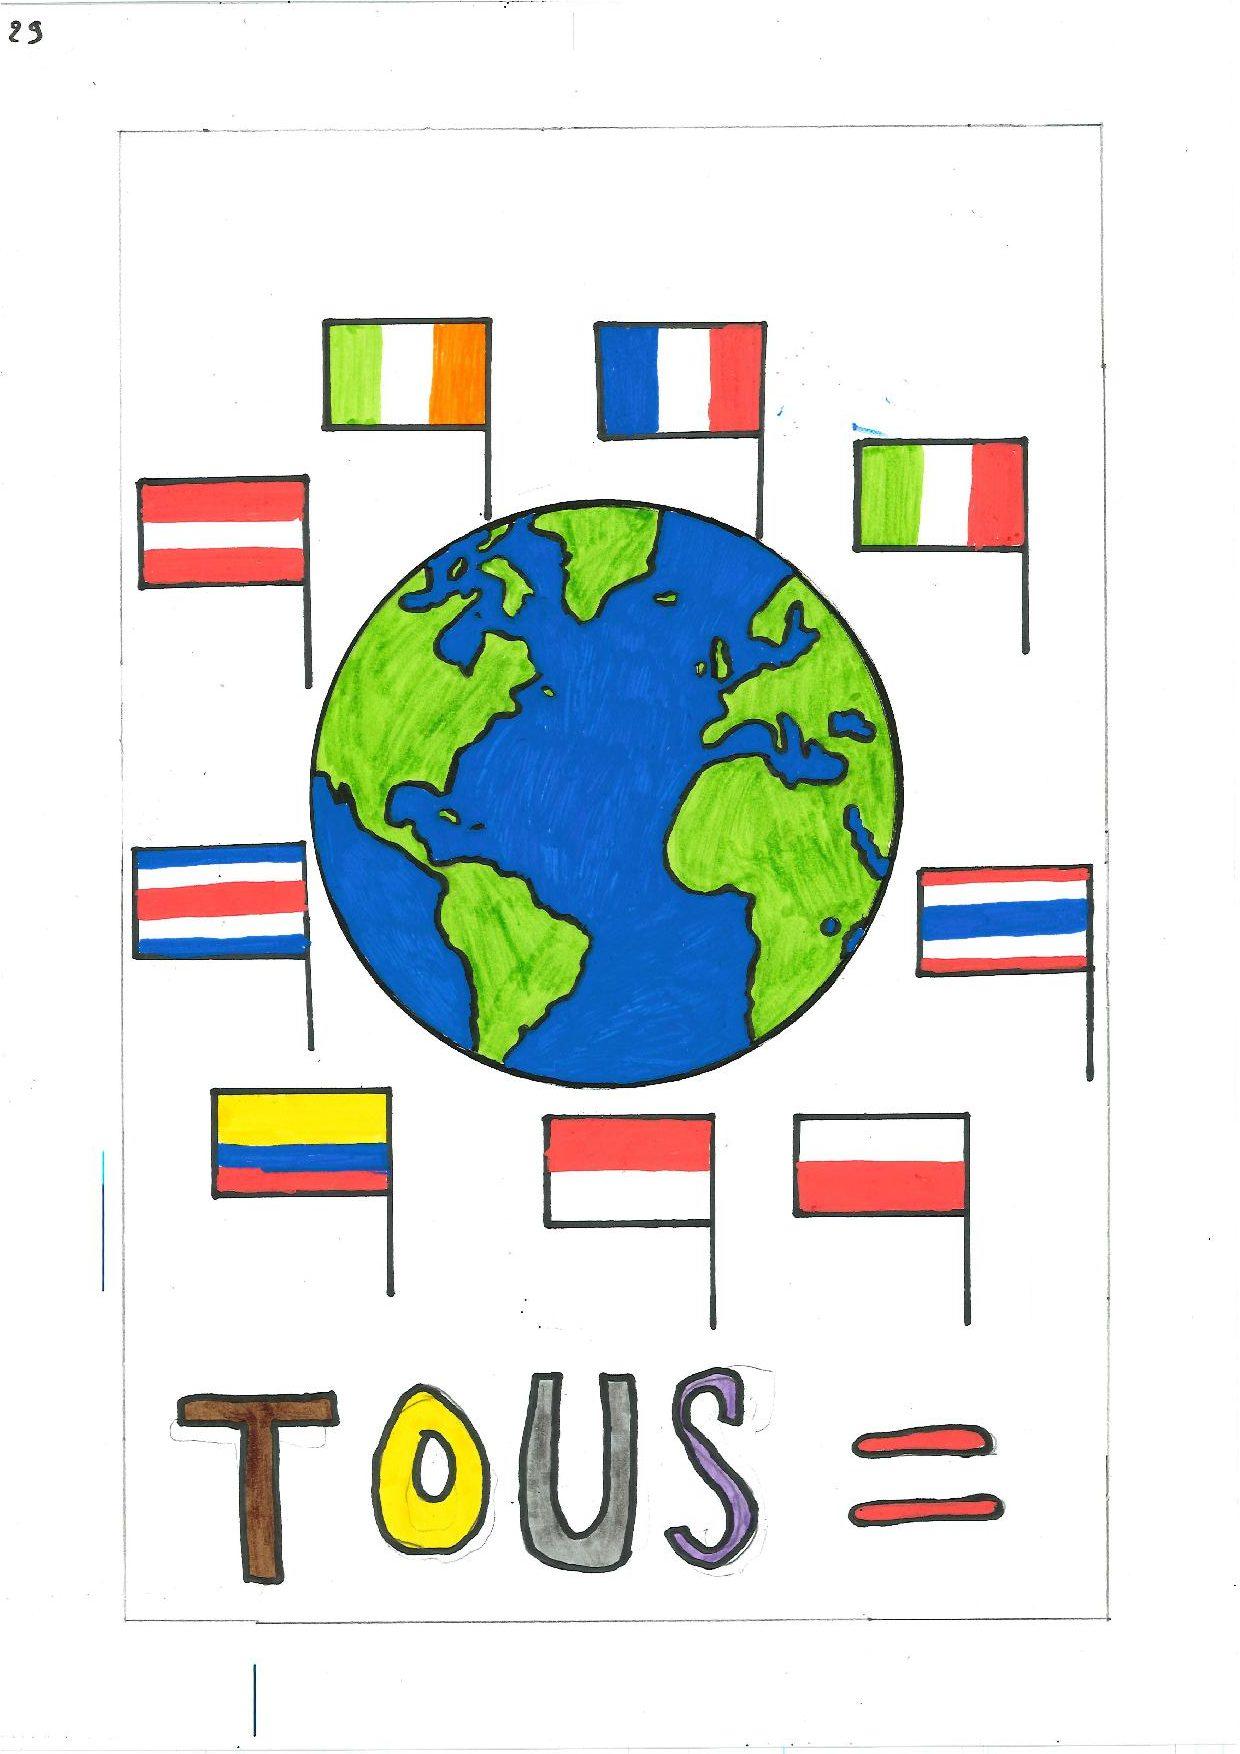 Concours D'affiches Contre Les Discriminations En 5ème.